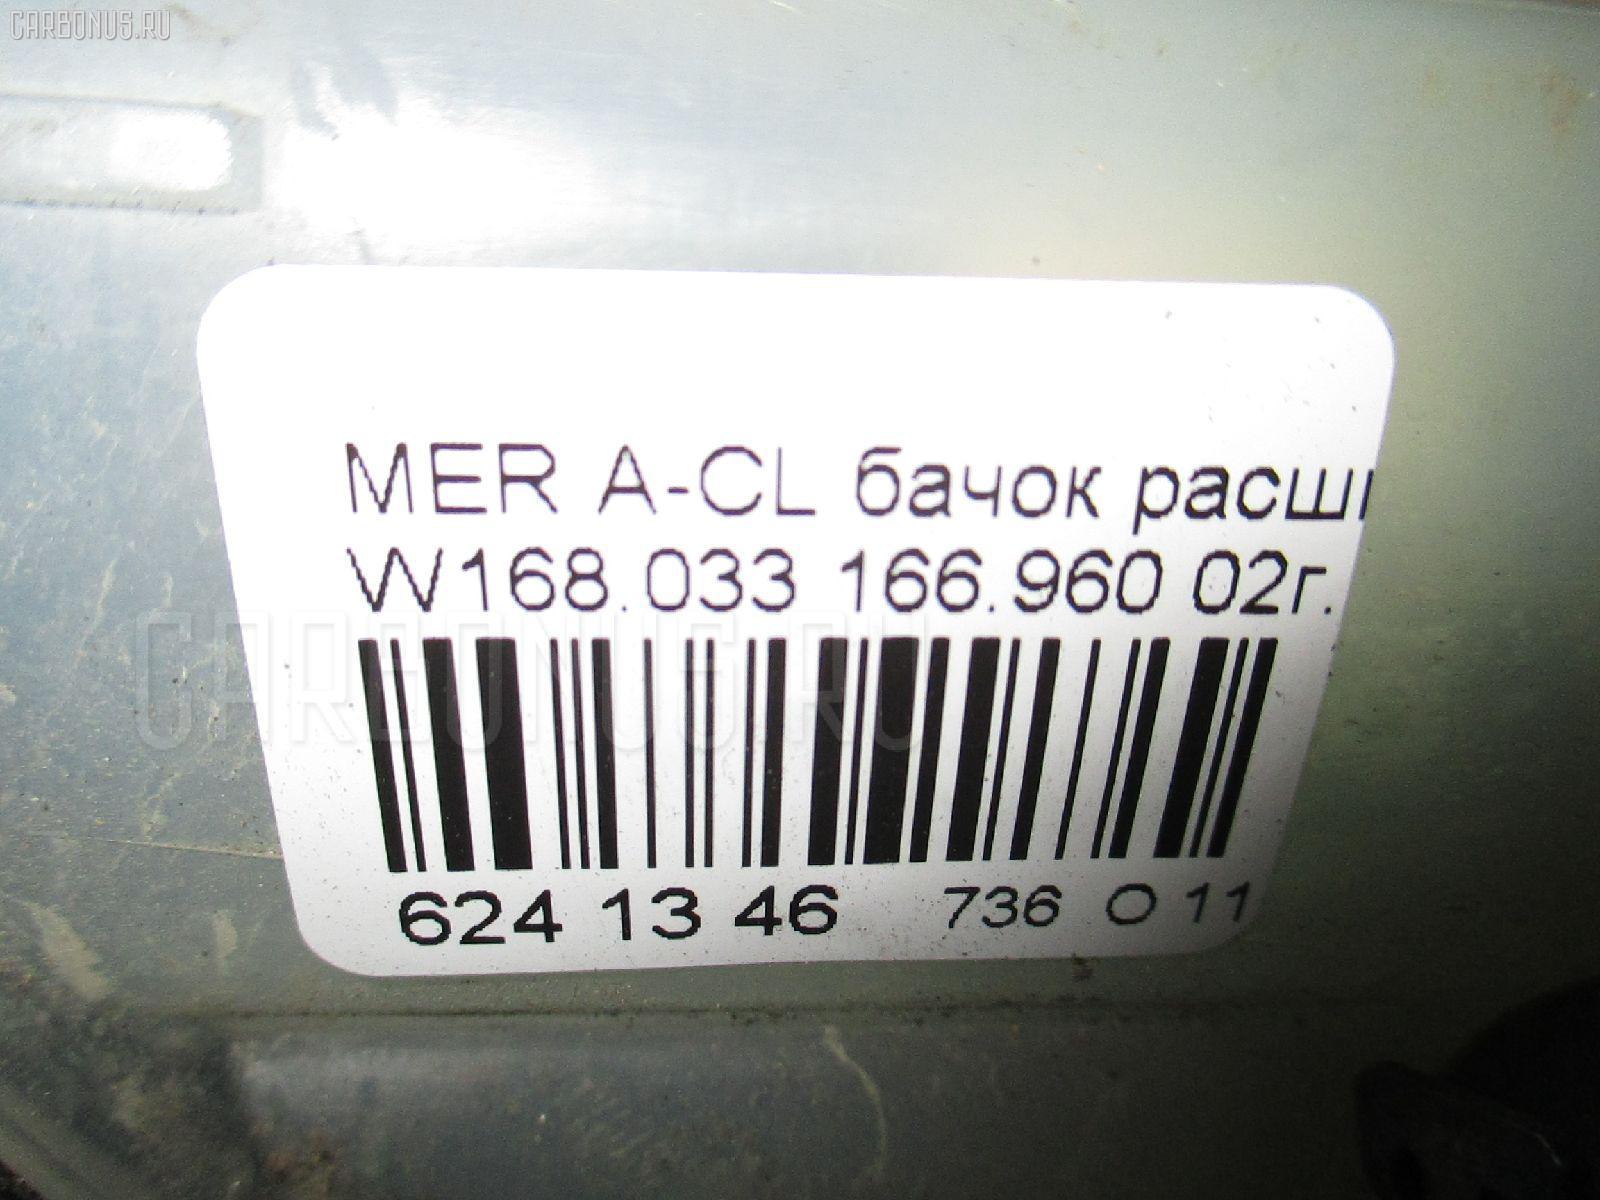 Бачок расширительный MERCEDES-BENZ A-CLASS W168.033 166.960 Фото 3